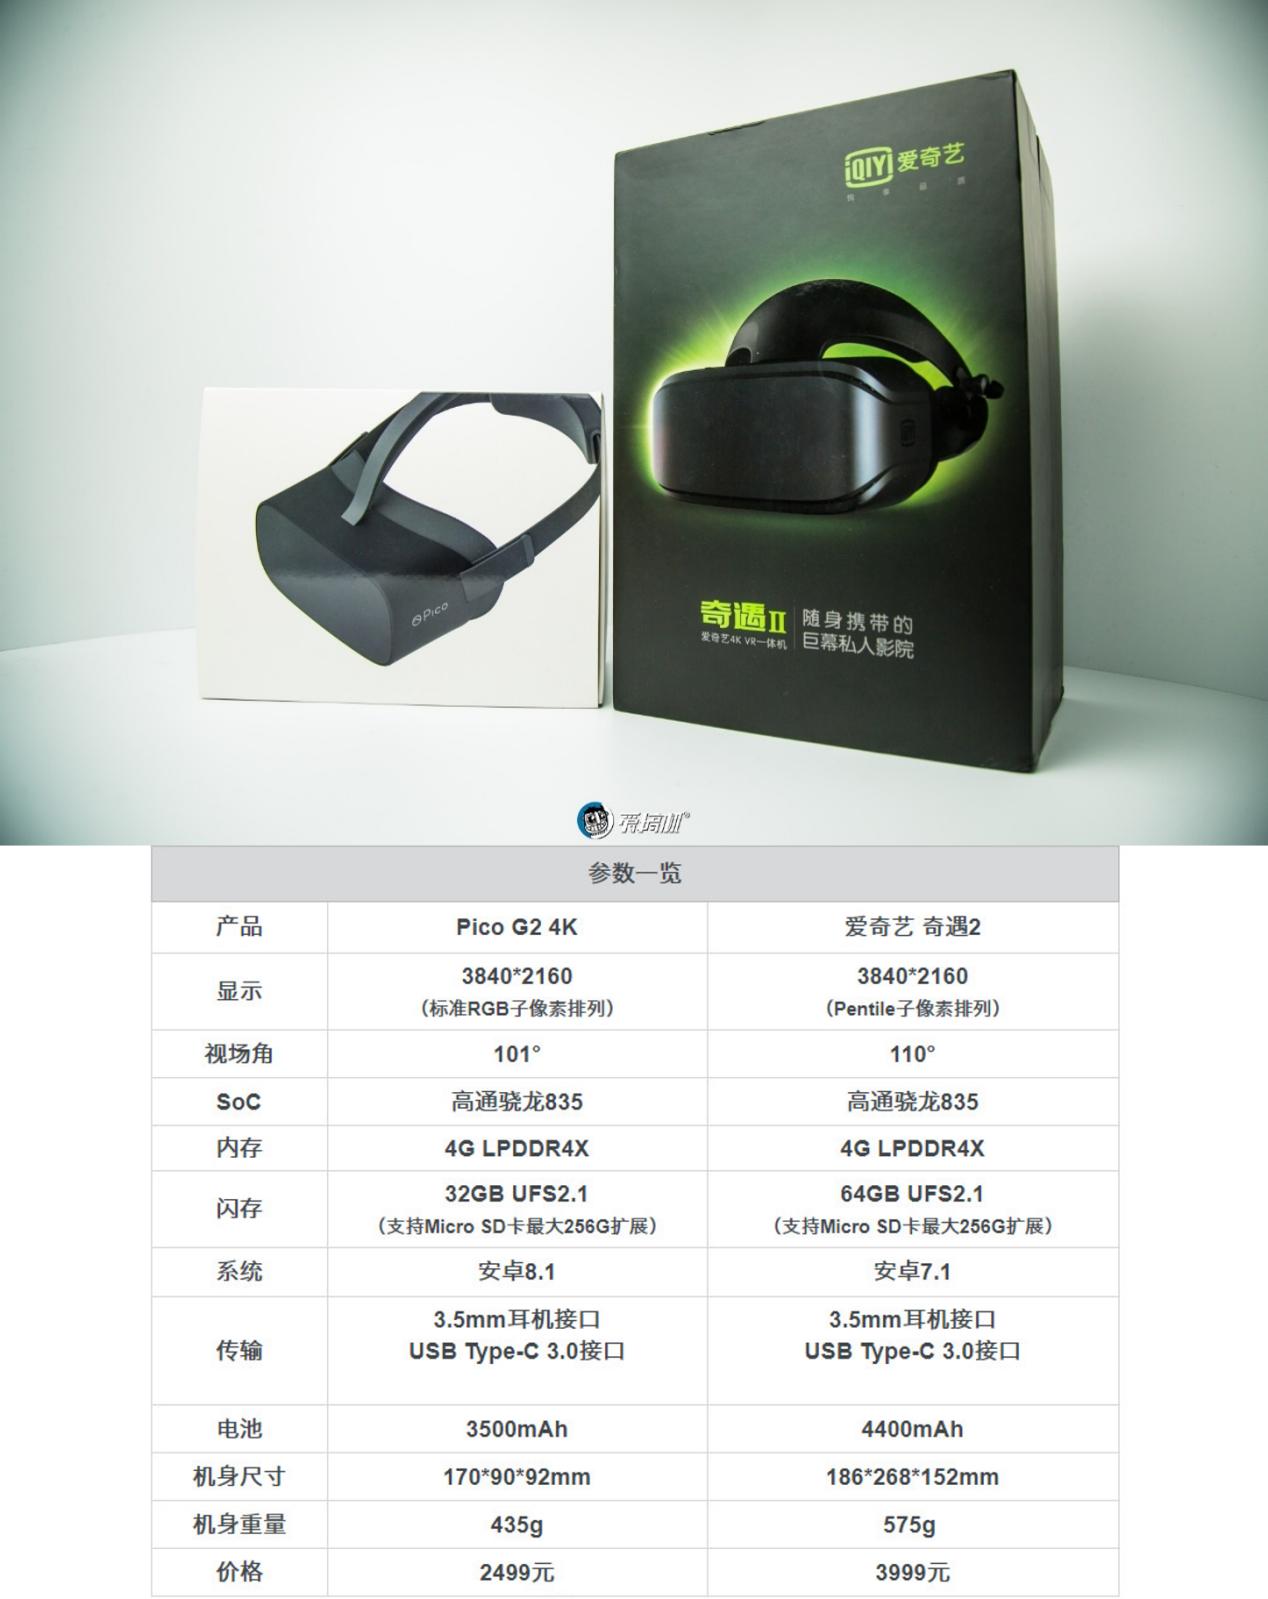 Pico G2 4K VS 爱奇艺 奇遇2 主流4K VR一体机对决